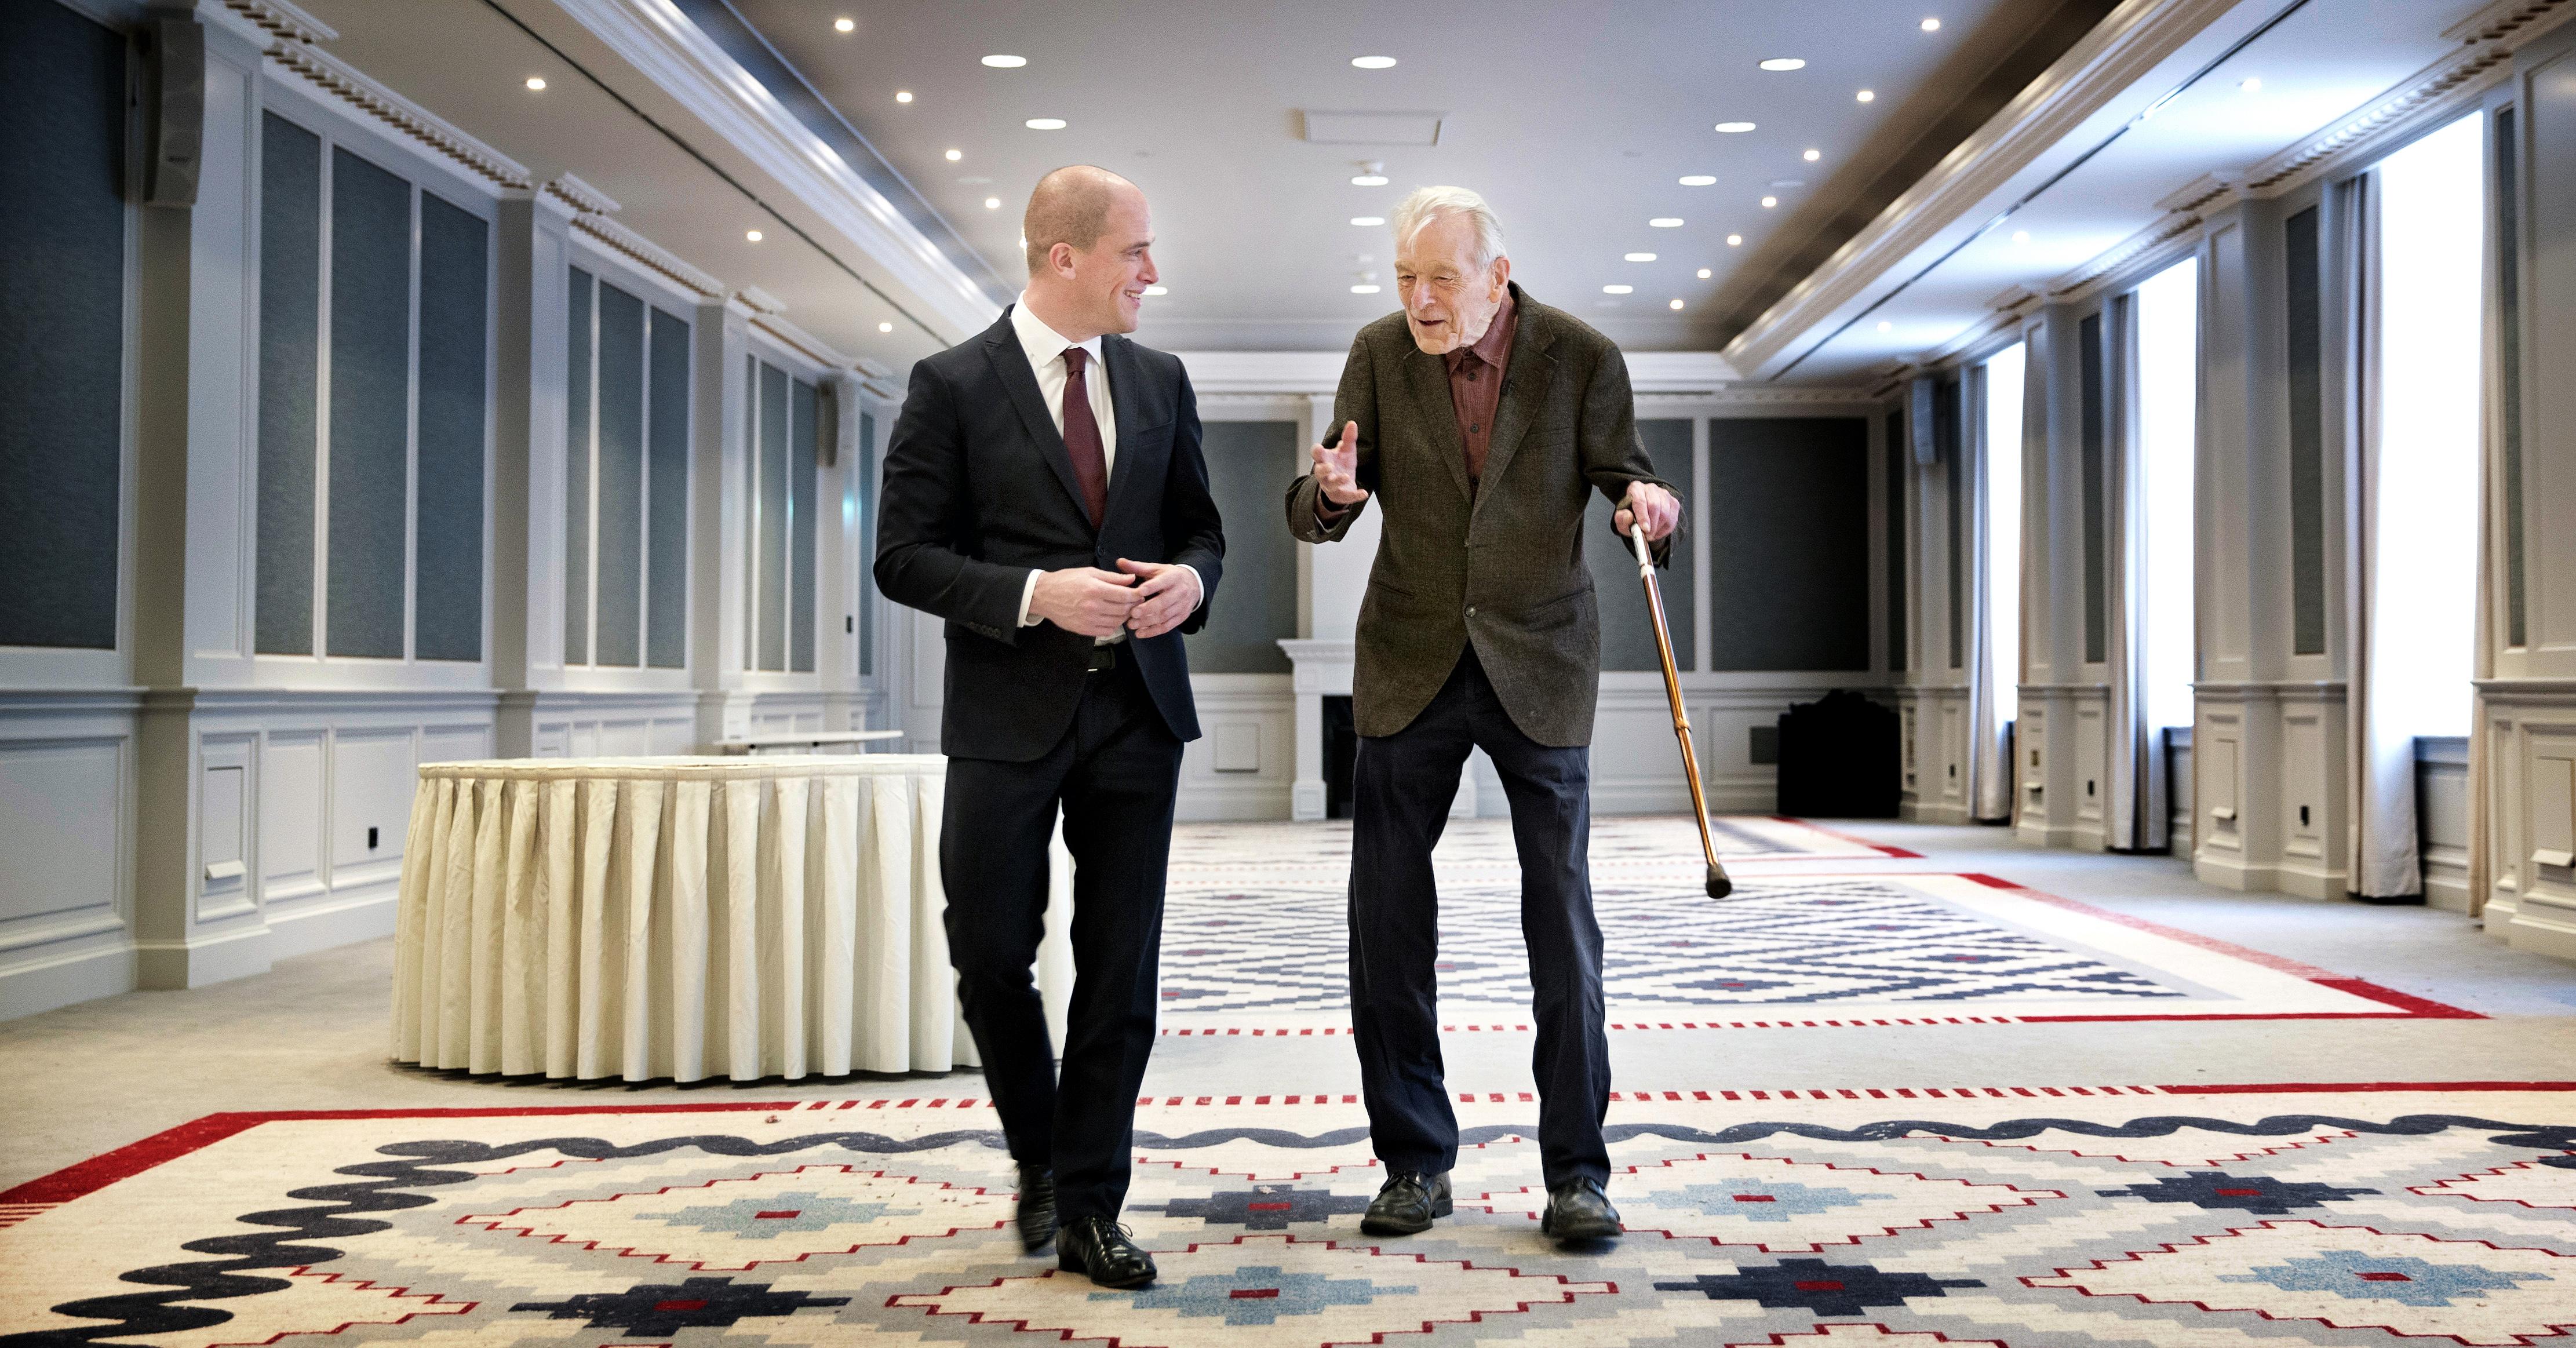 AMSTERDAM - Andre Kobben (R) geeft toelichting aan Diederik Samsom hoe het er in de zaal aan toe ging. André Köbben en Diederik Samsom. PvdA a.s. dinsdag 70 jaar. Om 11.30 is Diederik Samsom in Hotel Krasnapolsky in 020 en spreekt met Köbben, de man van 90 die er in 1946 als twintiger ook bij was.. FOTO GUUS SCHOONEWILLE